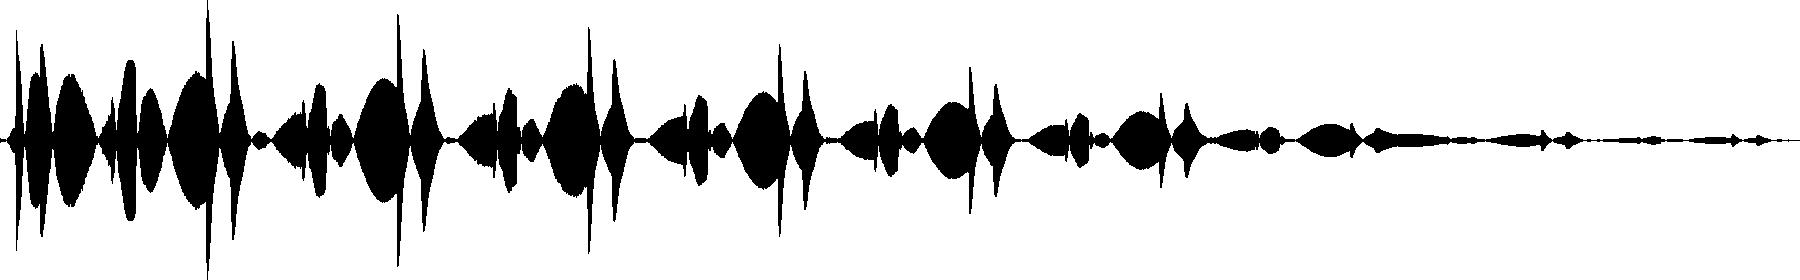 veh2 synths   038 c